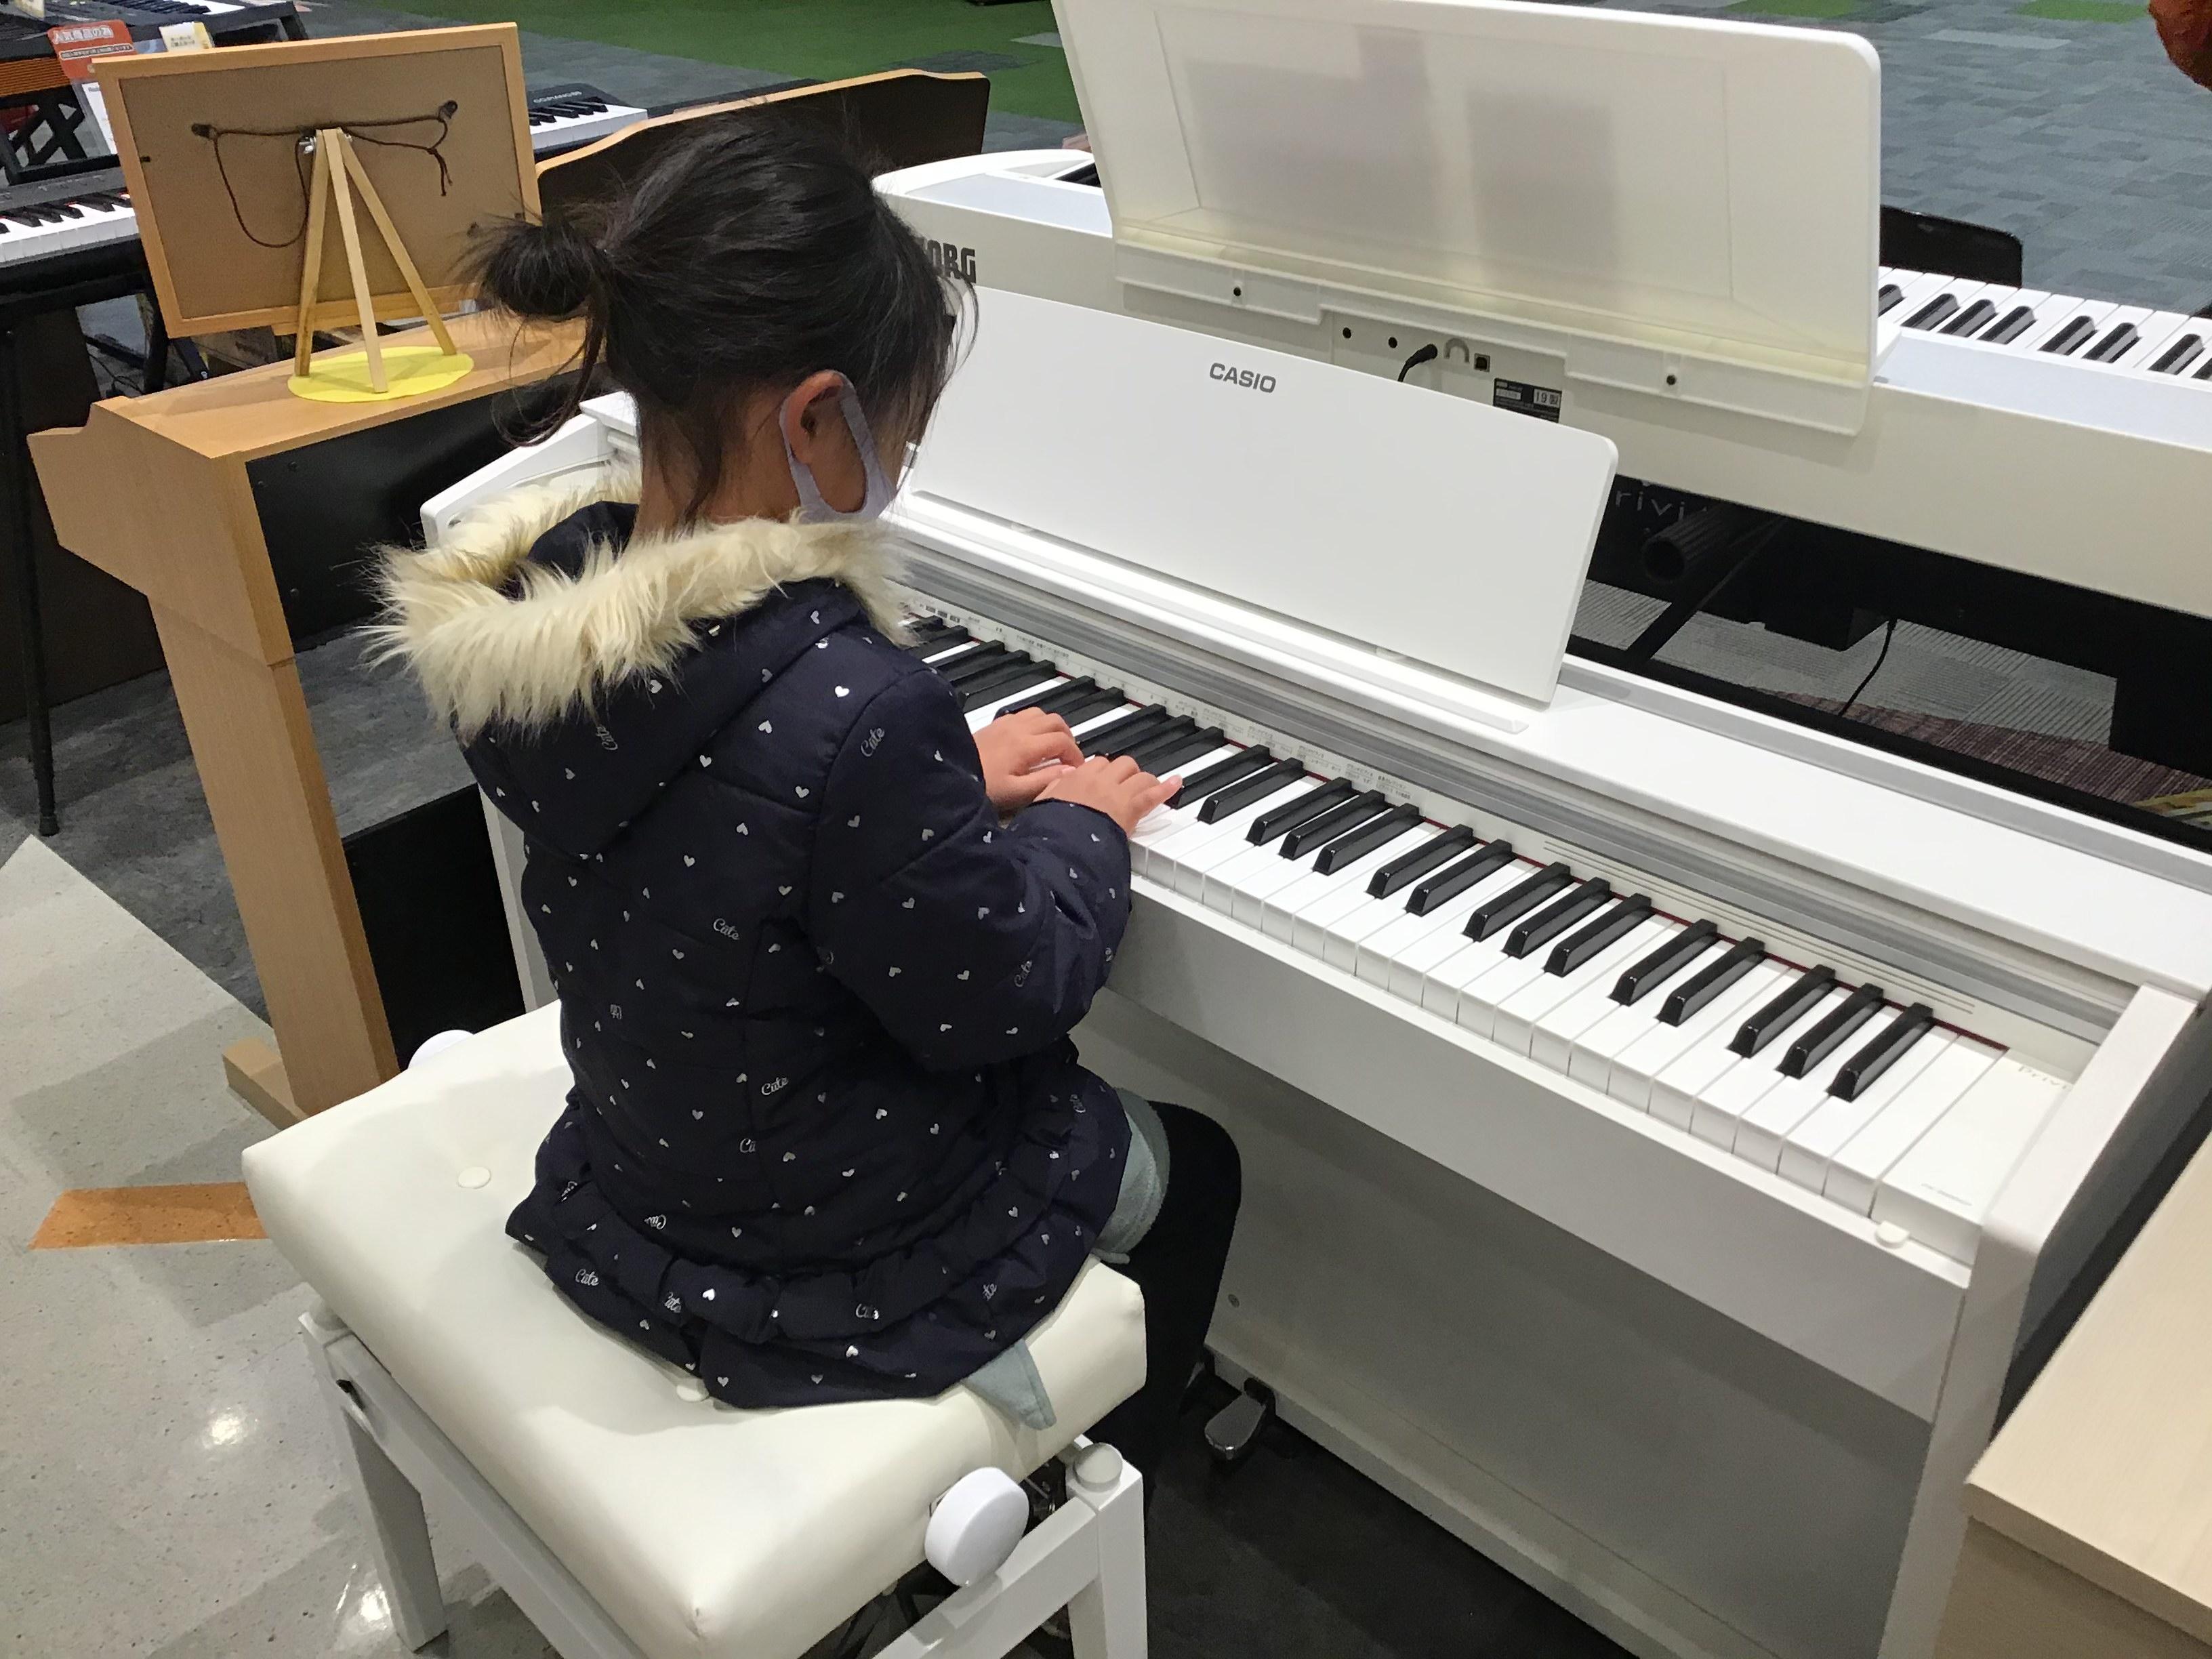 島村楽器イオンモール高崎店 電子ピアノ お客様 声 アンケート お客様の声 口コミ 評判